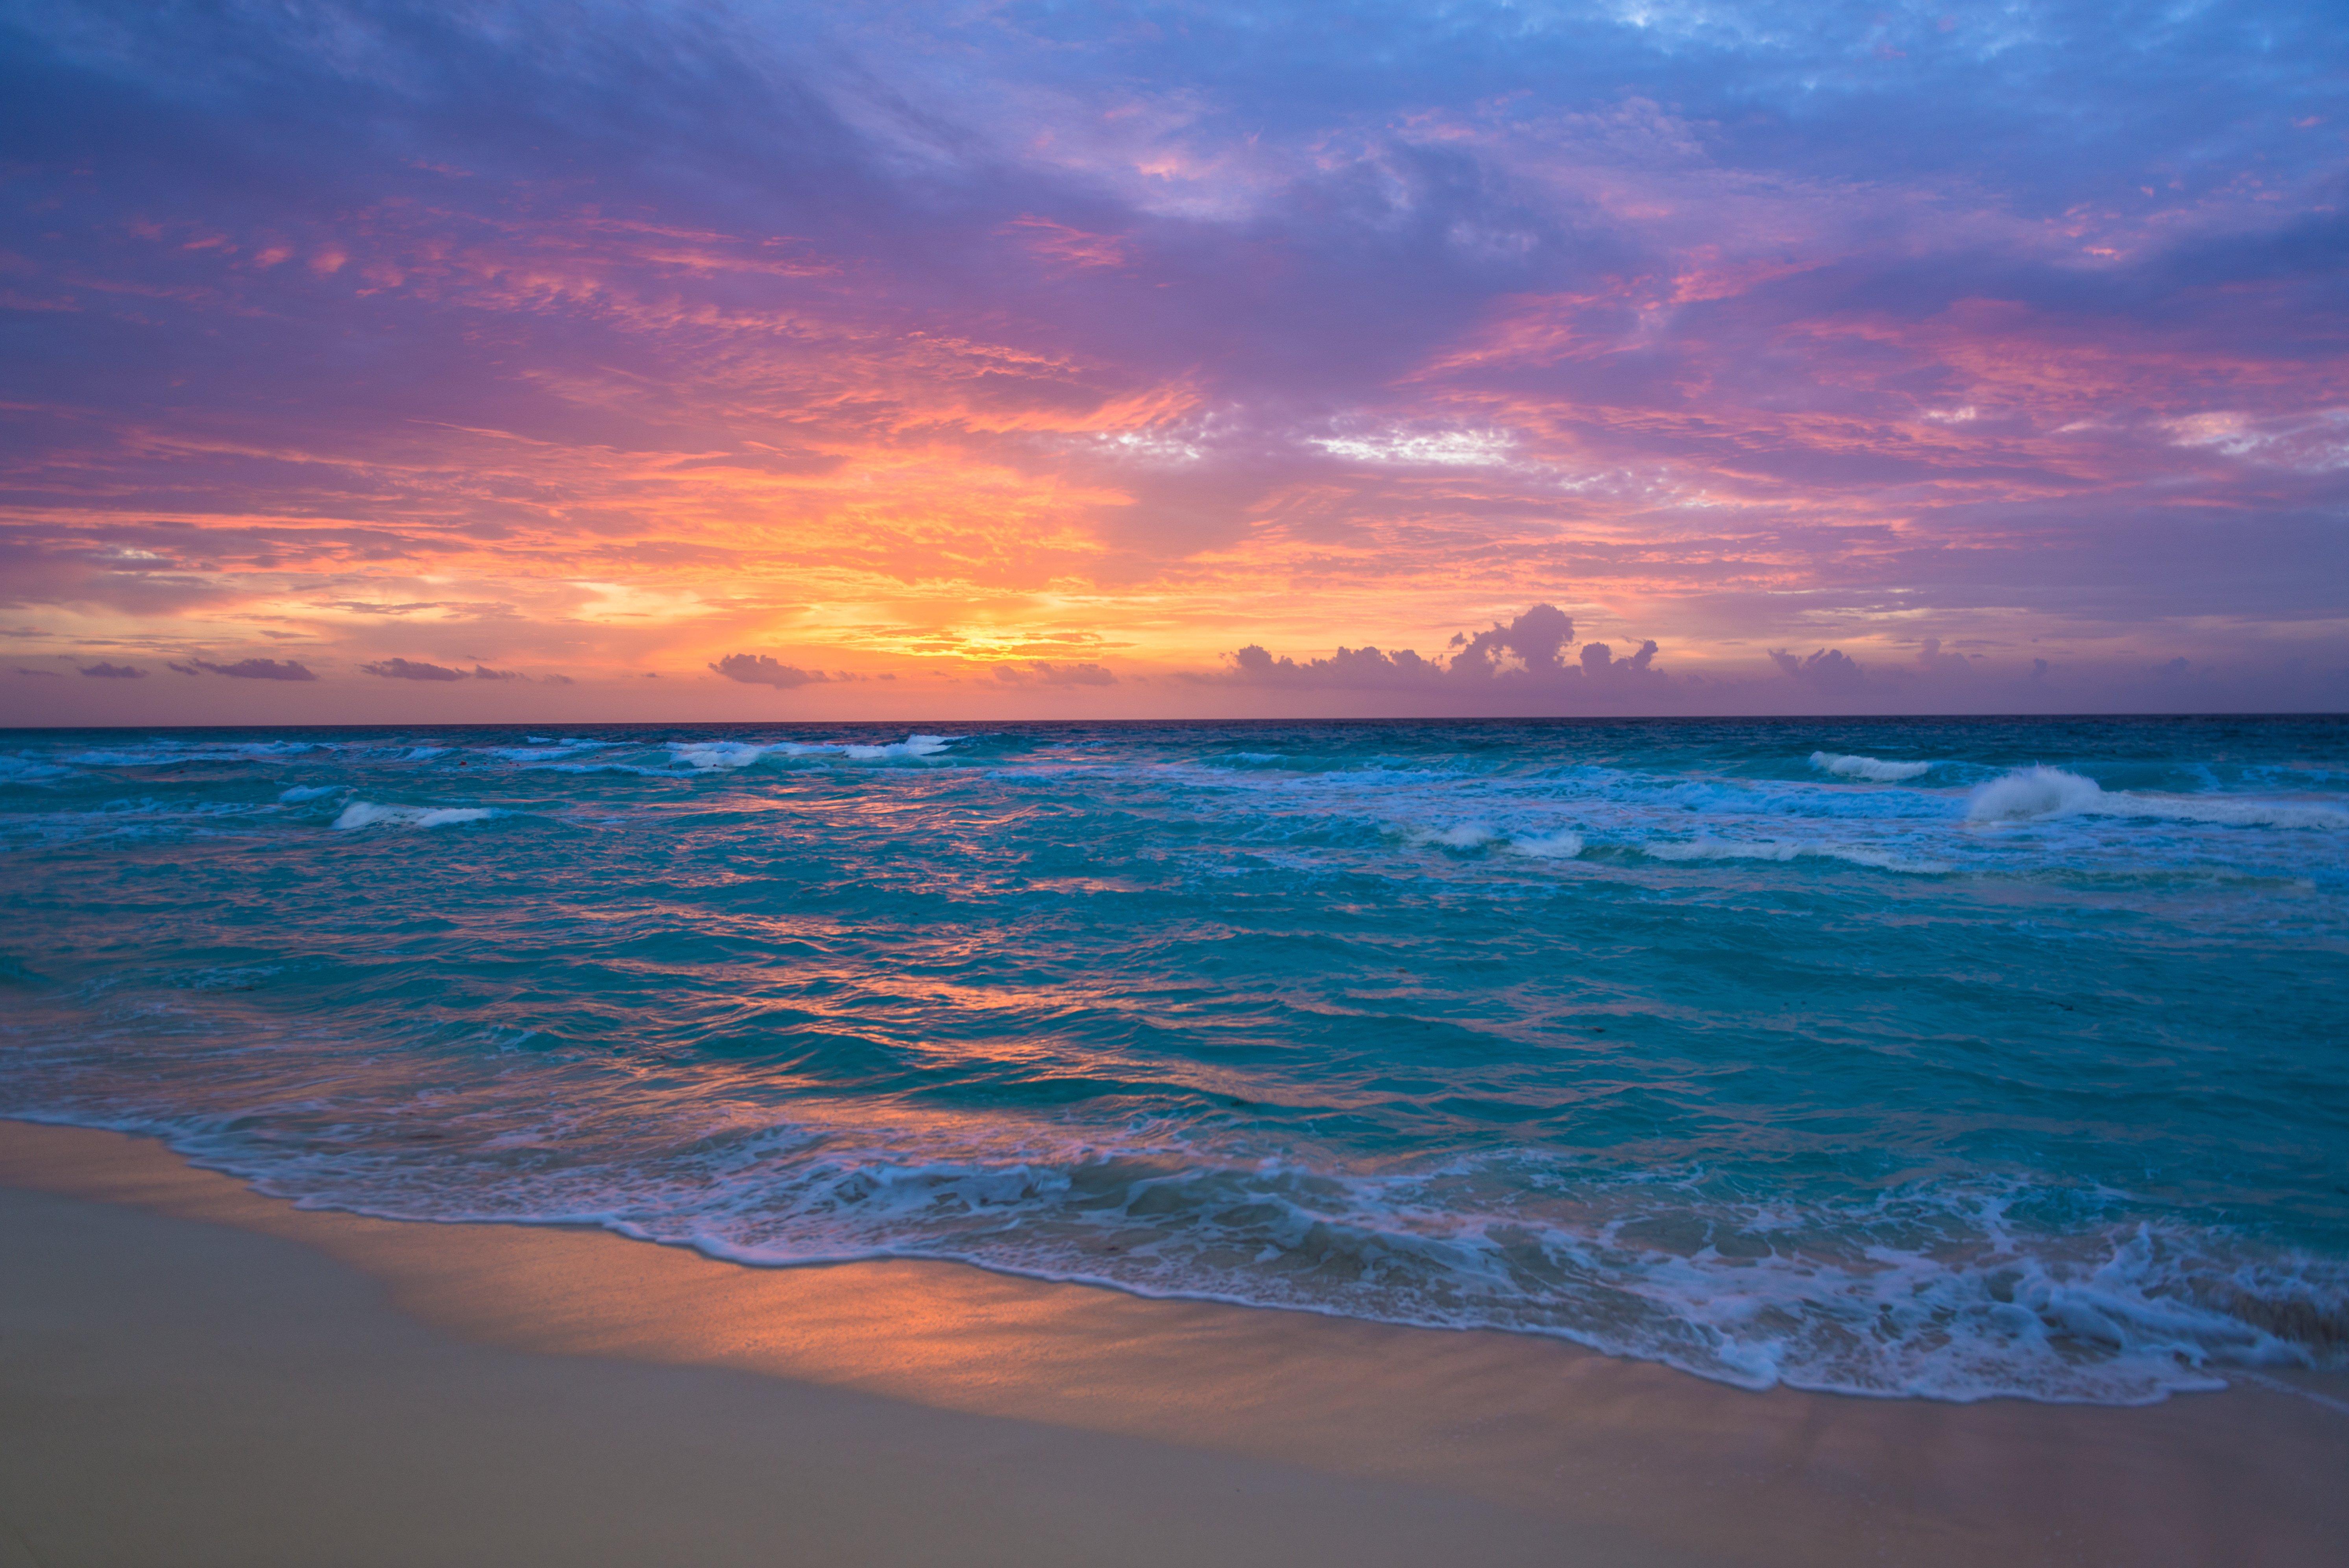 Sea surf sunrise waves sand ocean beach wallpaper 5969x3985 5969x3985